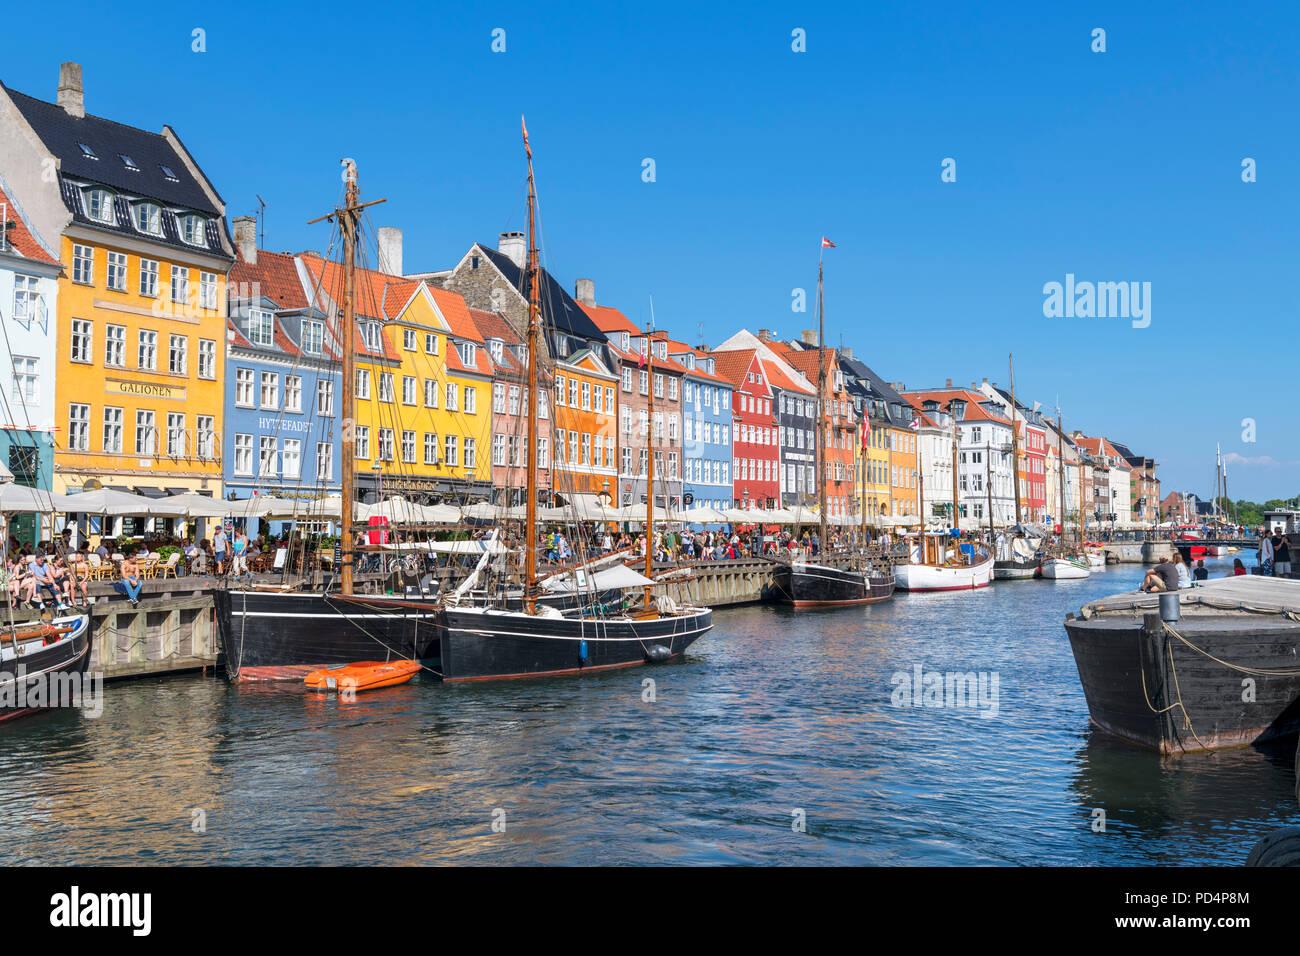 Das historische Gebäude aus dem 17. und 18. Jahrhundert entlang der Nyhavn-kanal, Kopenhagen, Dänemark Stockbild